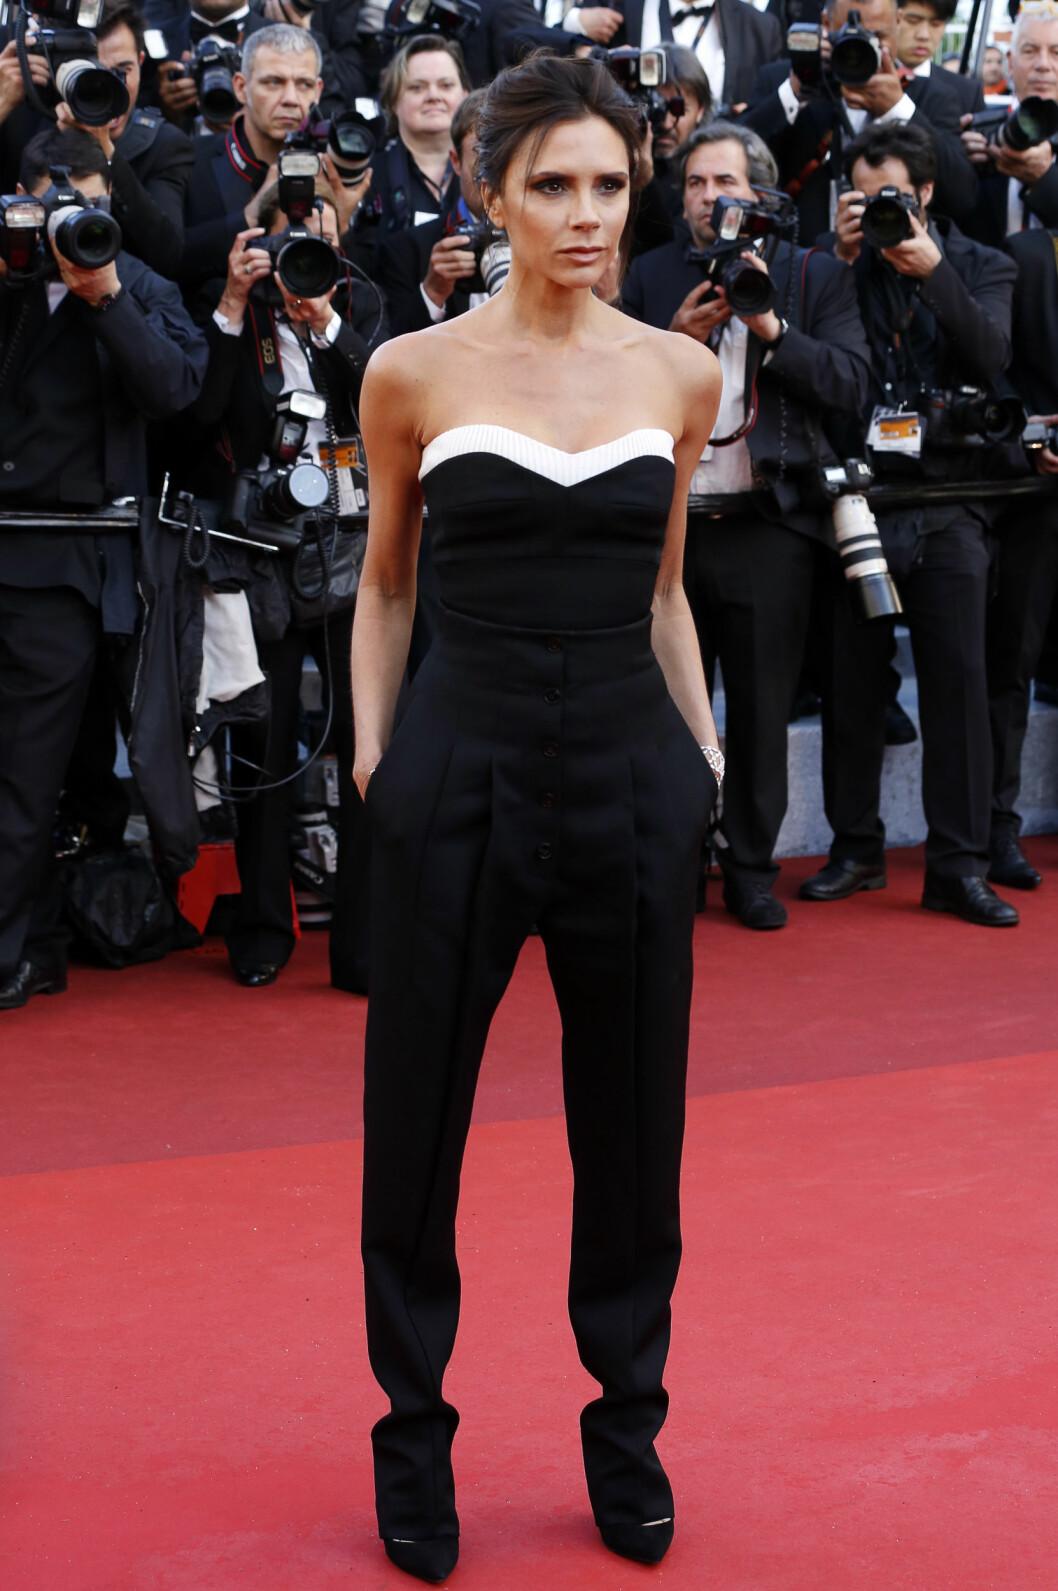 <strong>CANNES:</strong> Victoria Beckham deltok på filmfestivalen i Cannes. Selvfølgelig ikledd et antrekk i sort og hvitt. Foto: DPA